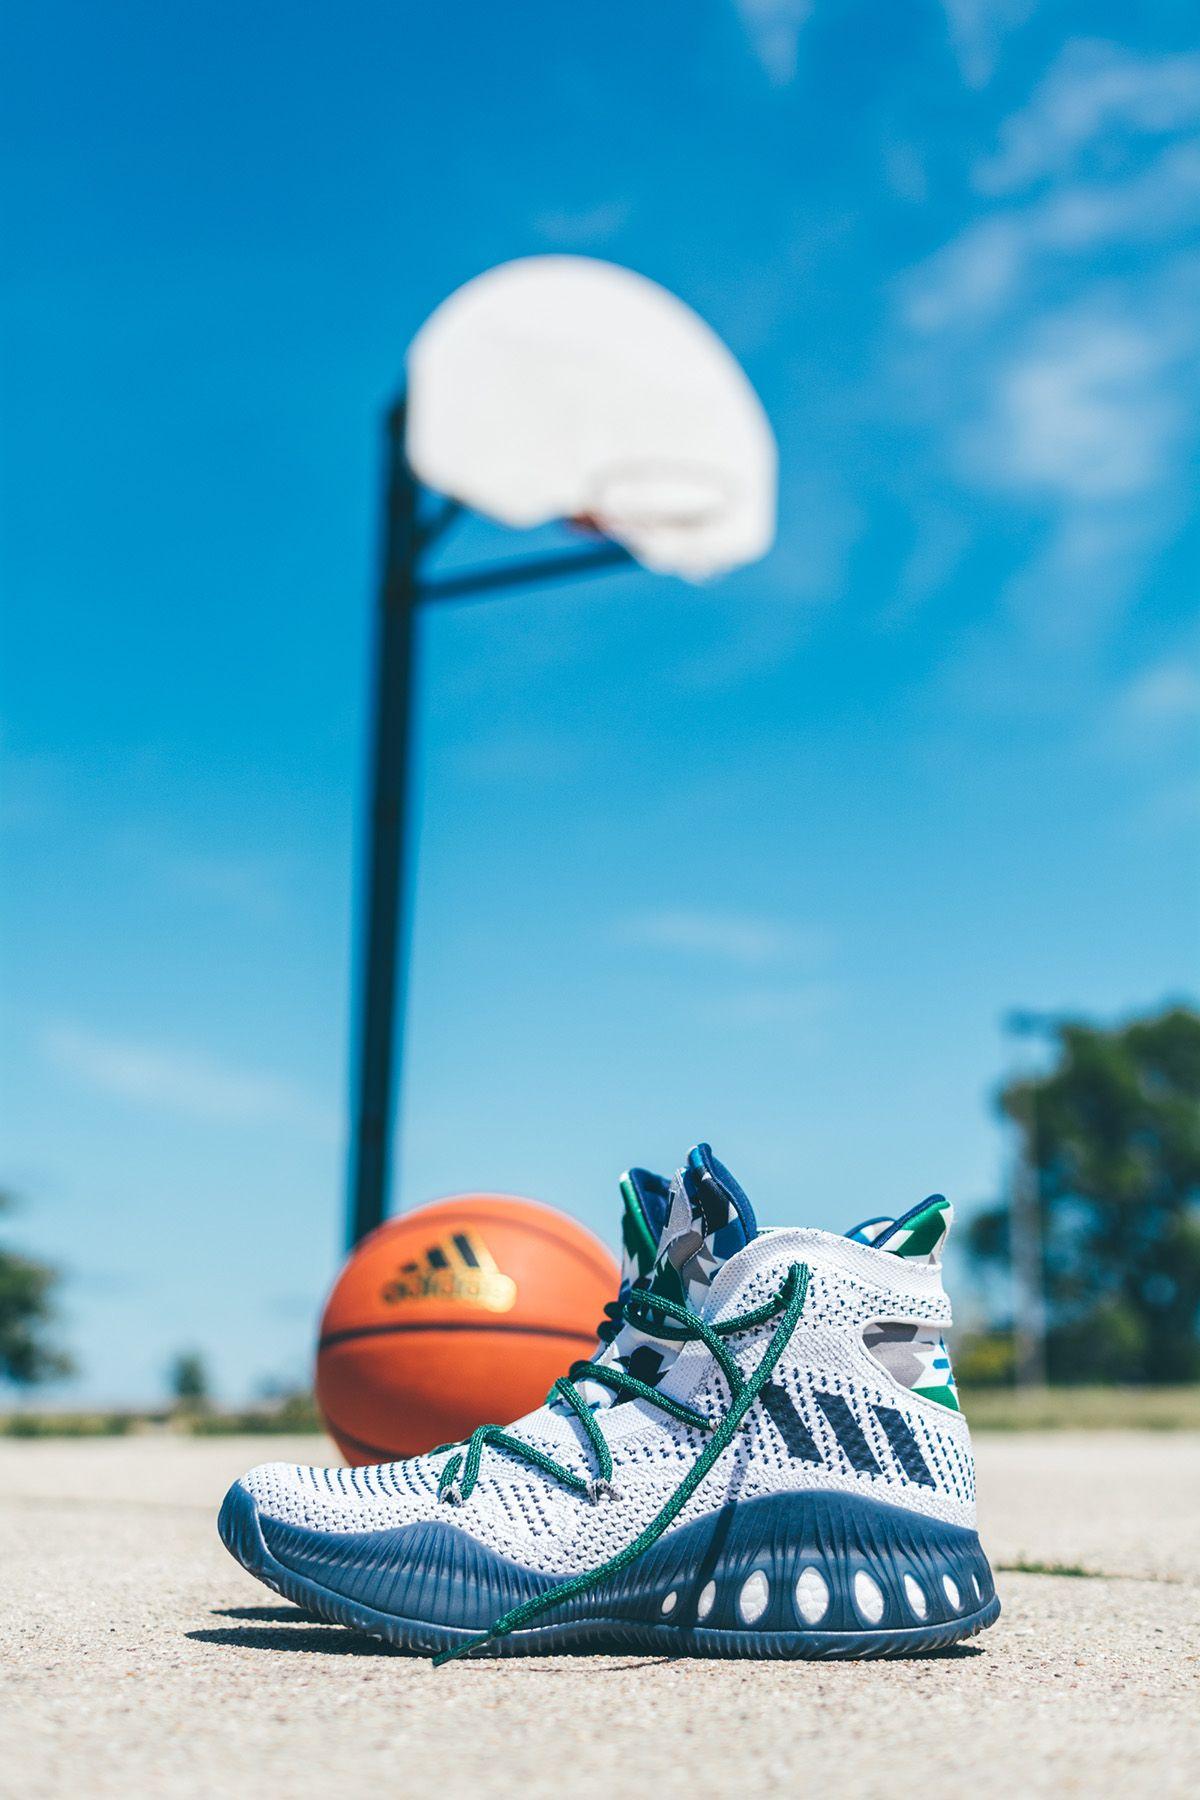 adidas Basketball   Andrew Wiggins Introduce the Crazy Explosive - EU  Kicks  Sneaker Magazine 15e08ac618de2